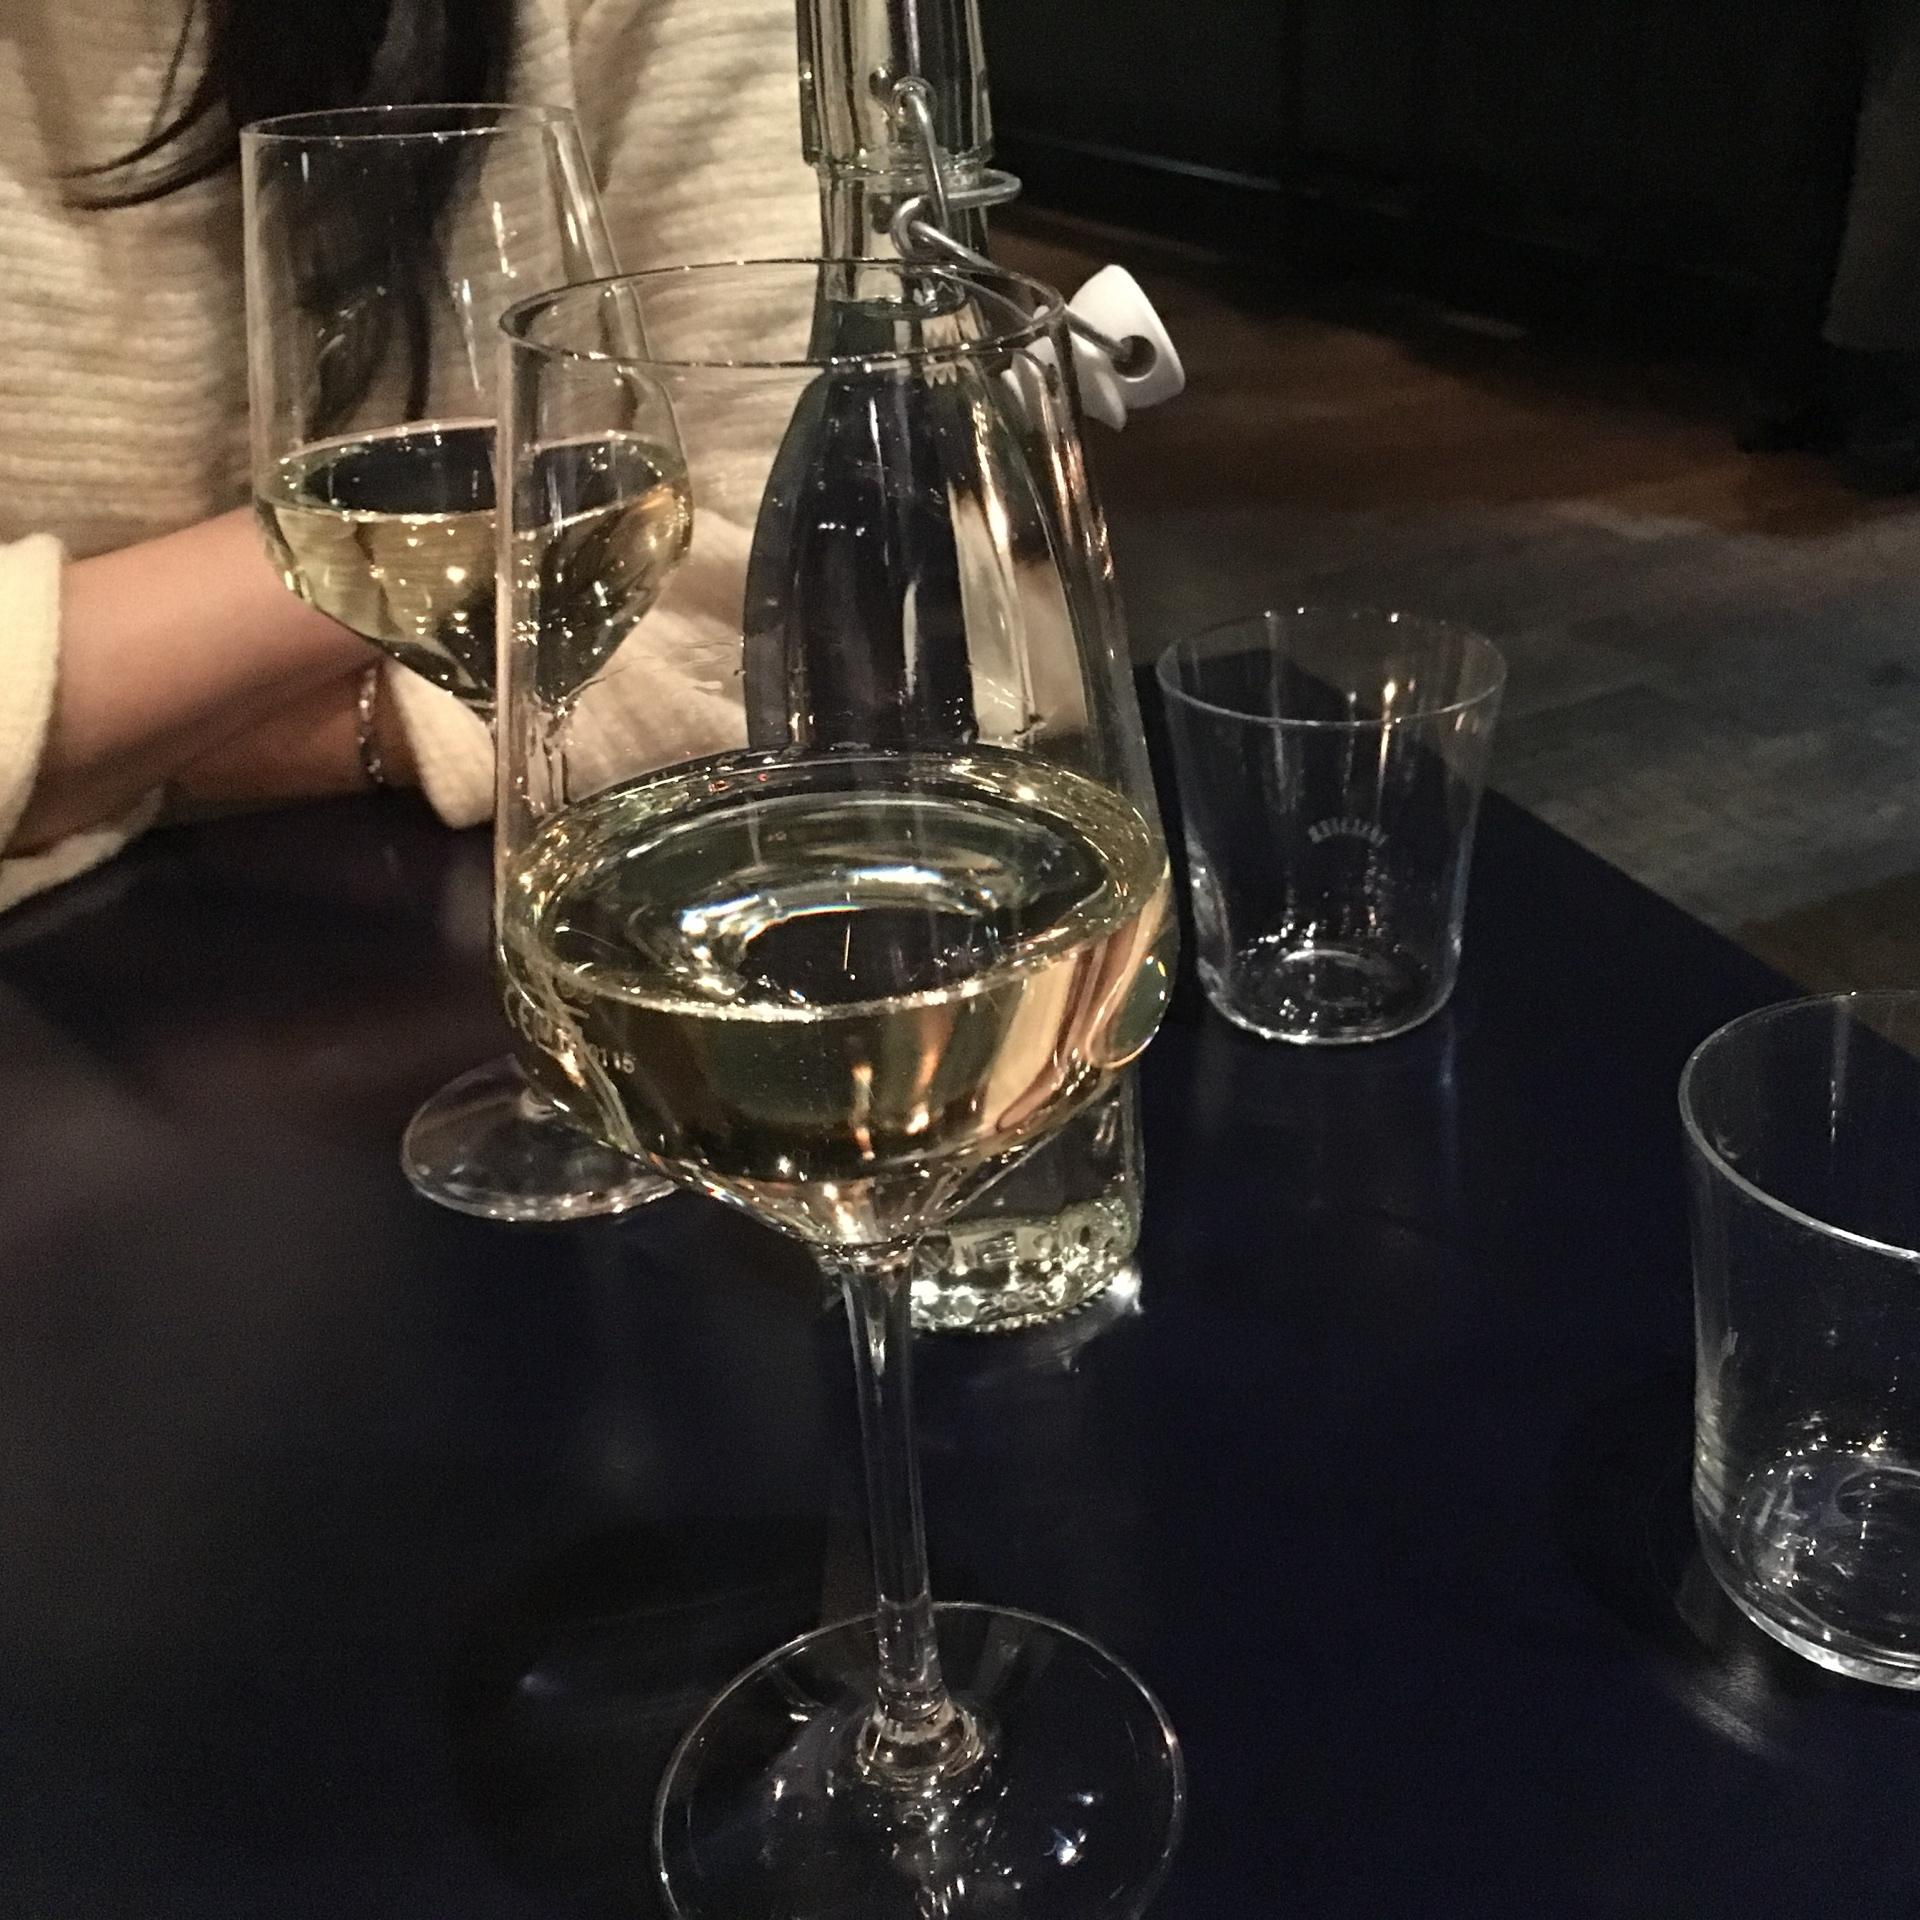 絶対 美味しいワインを飲みたいとき、ワインを飲むのが目的なときに、よくこの店を利用させていただきます。良いワインがグラスで飲めますよ!